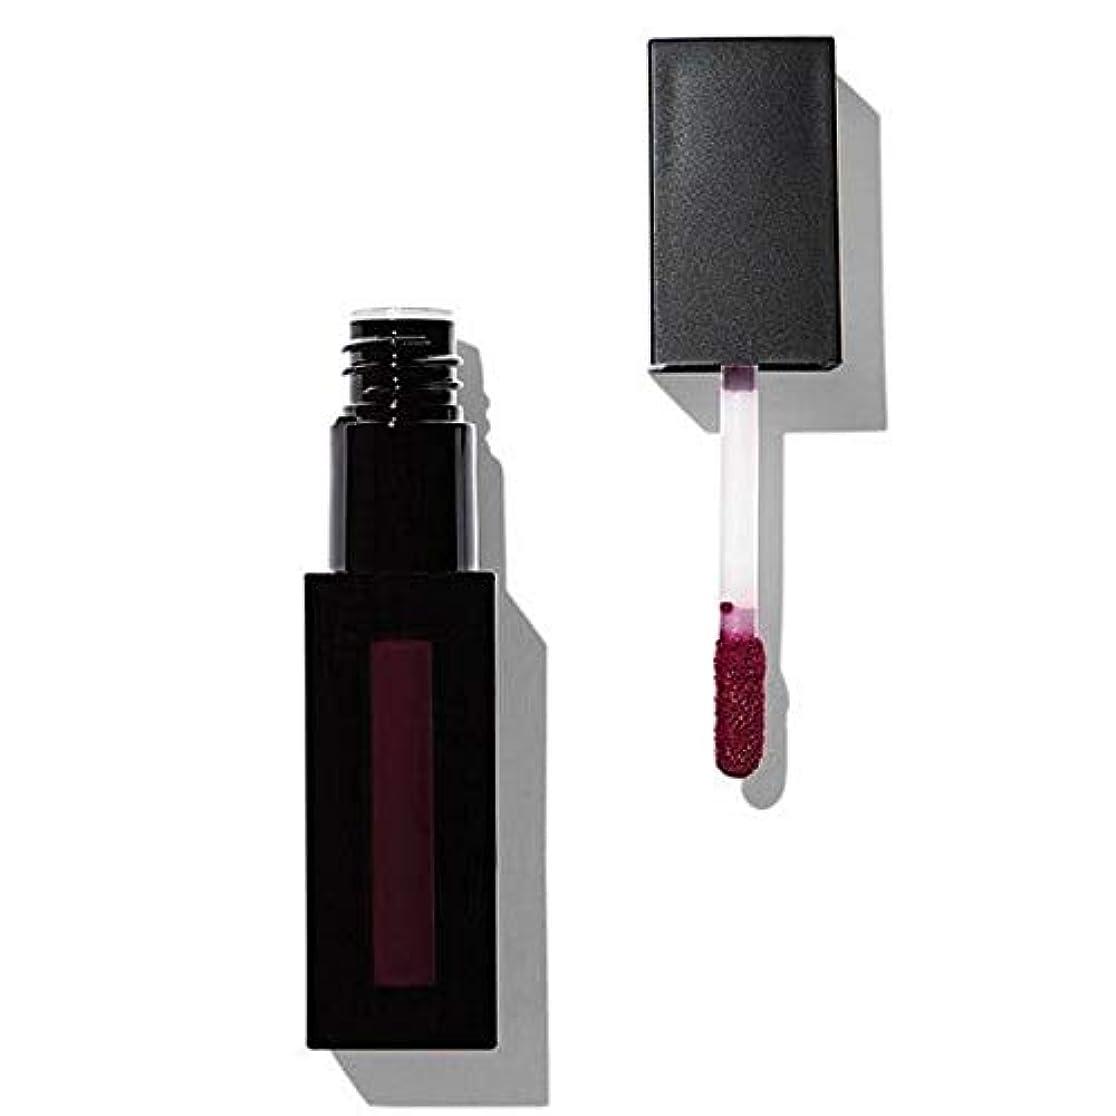 文百科事典社員[Revolution ] 革命プロ最高のマットリップ顔料勘 - Revolution Pro Supreme Matte Lip Pigment Intuition [並行輸入品]